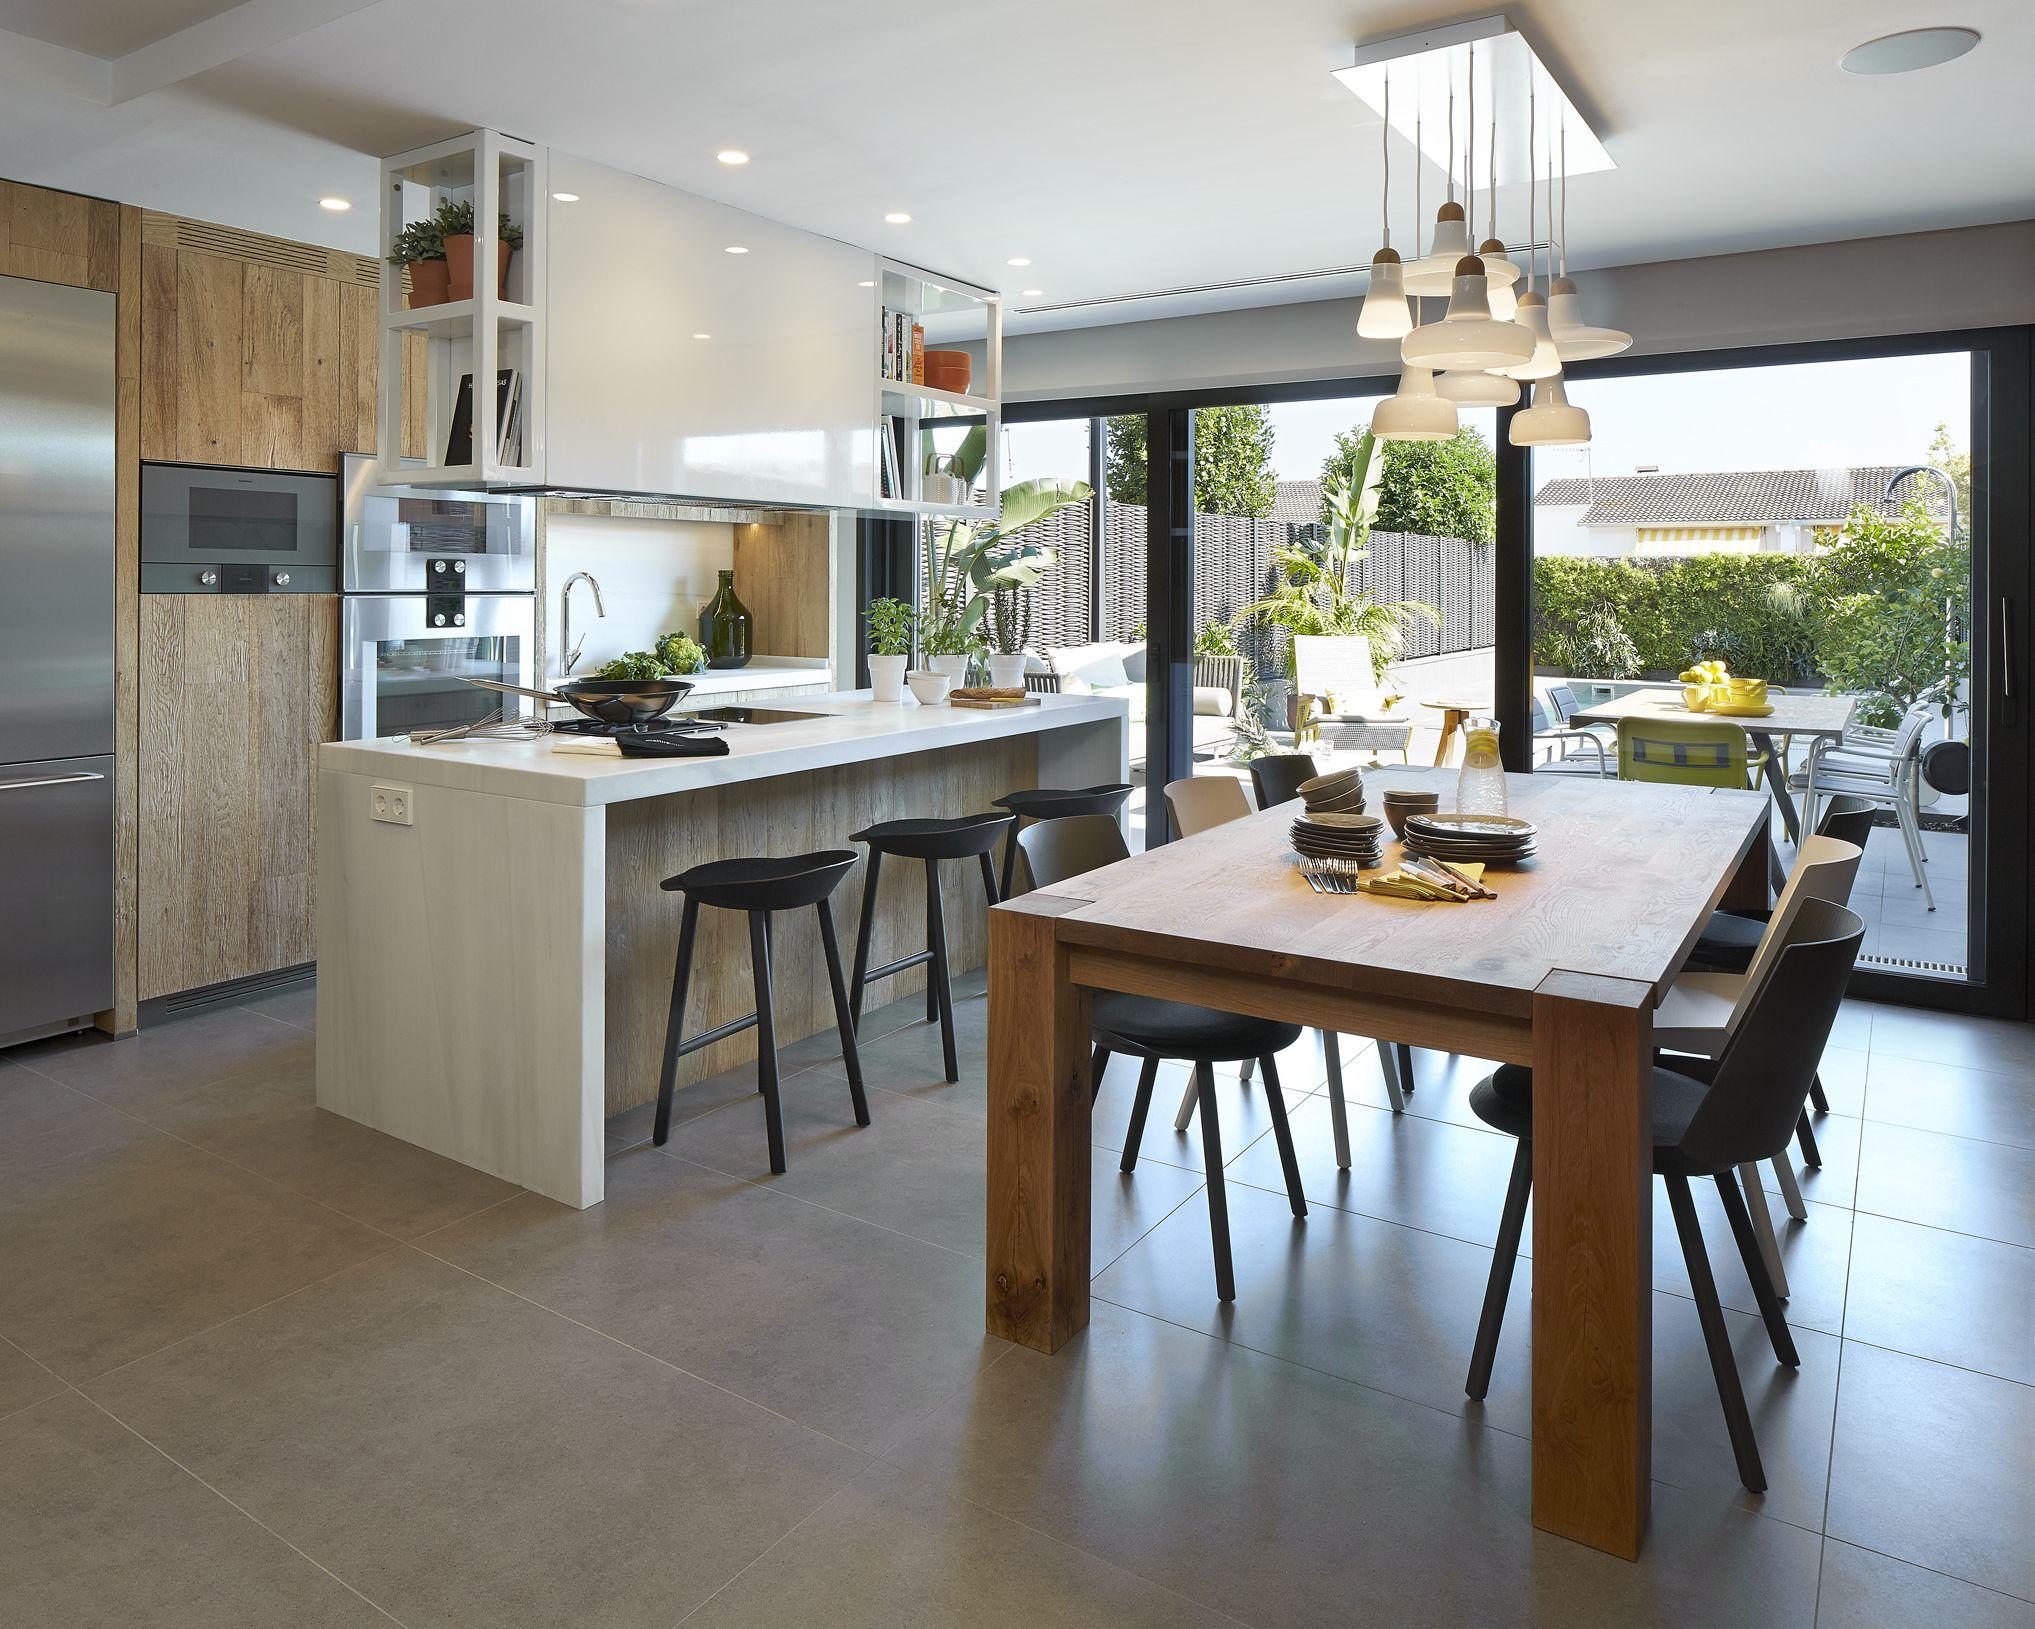 Molins interiors arquitectura interior interiorismo for Cocina exterior jardin